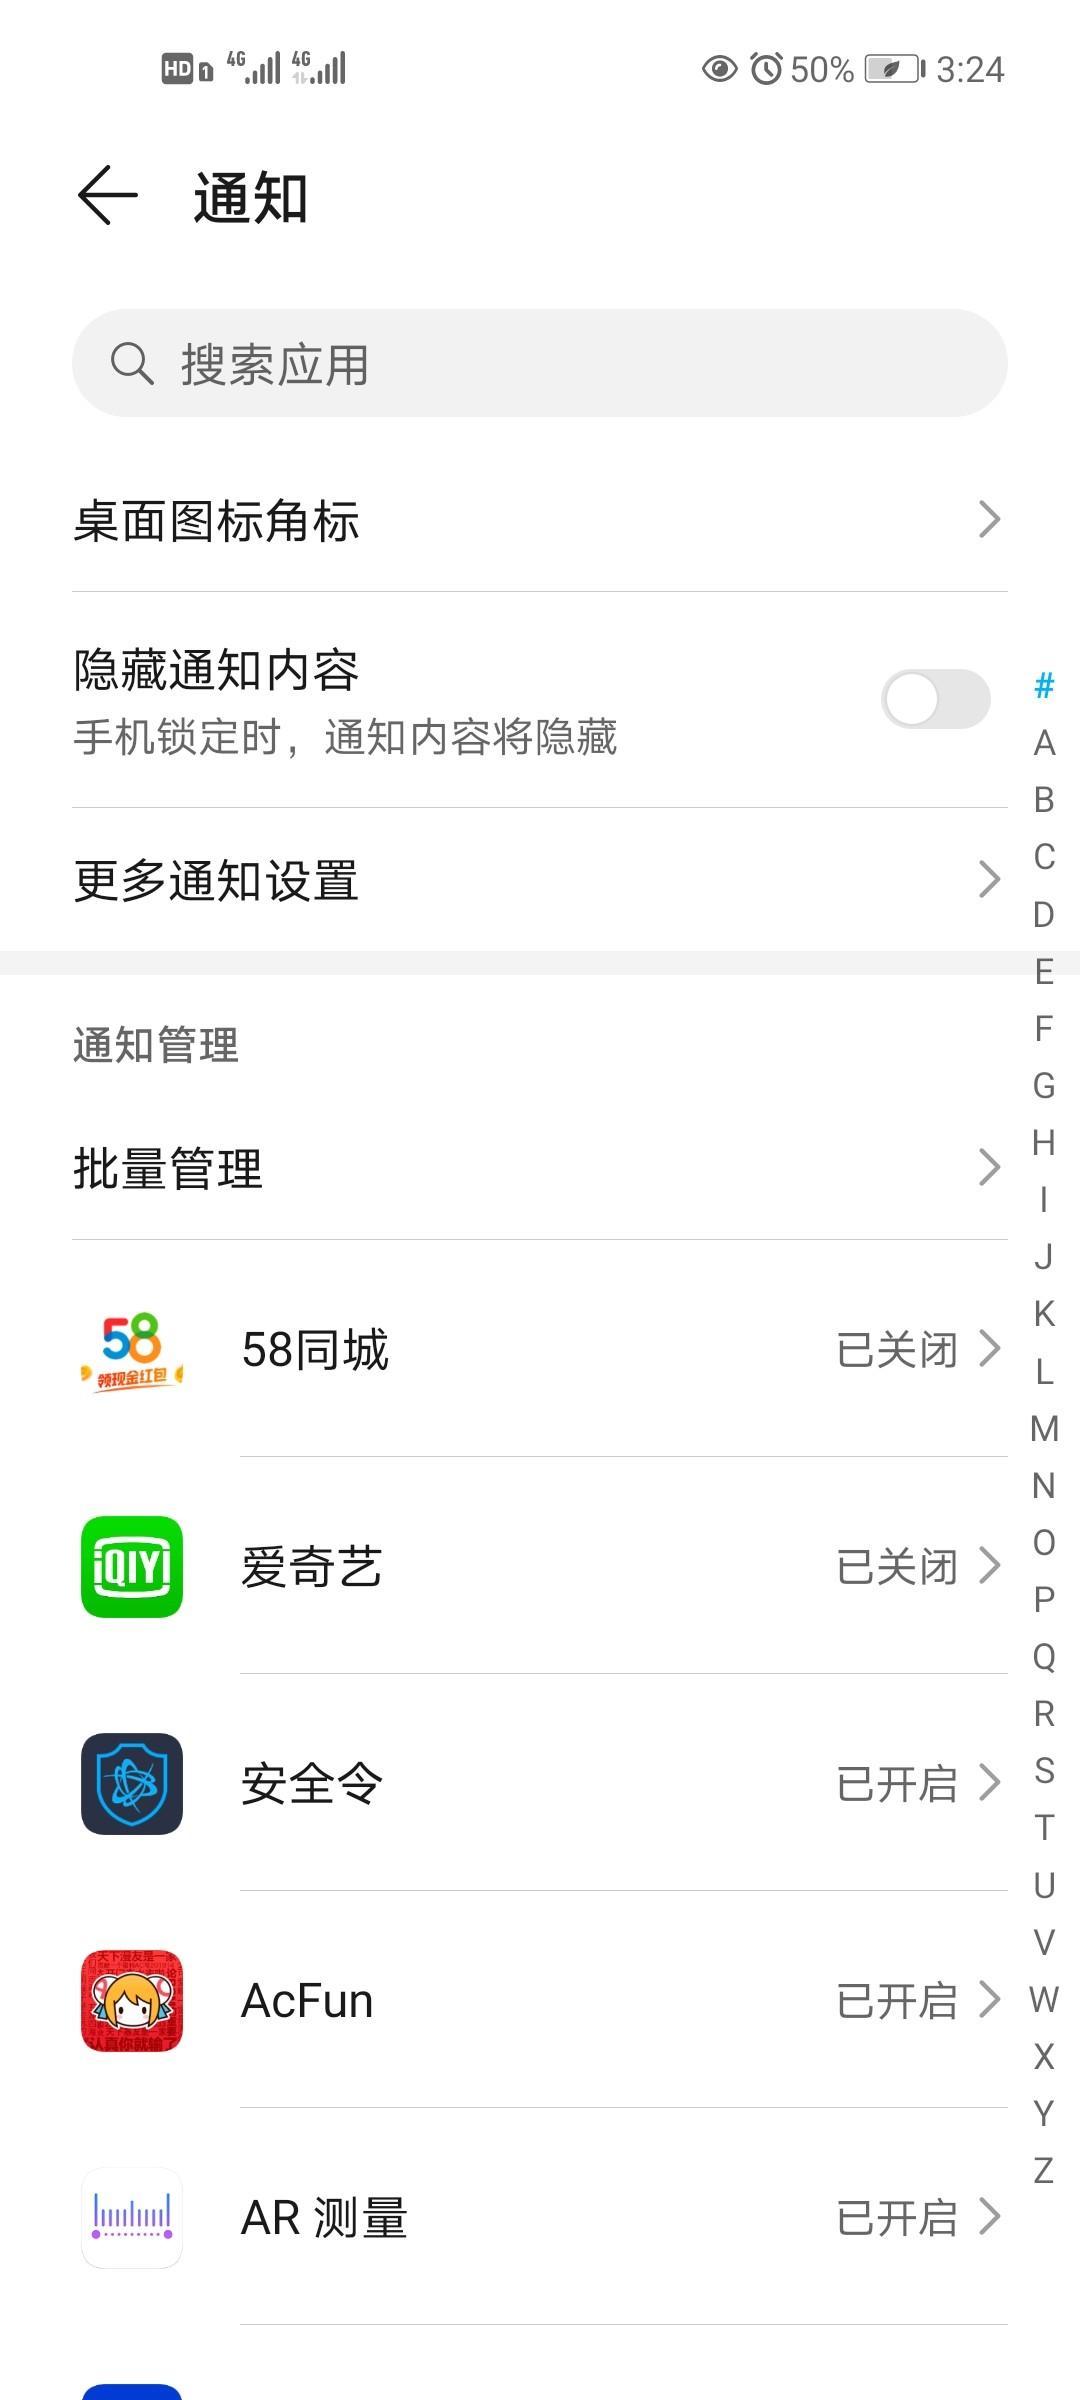 华为手机怎样屏蔽广告推送6.jpg